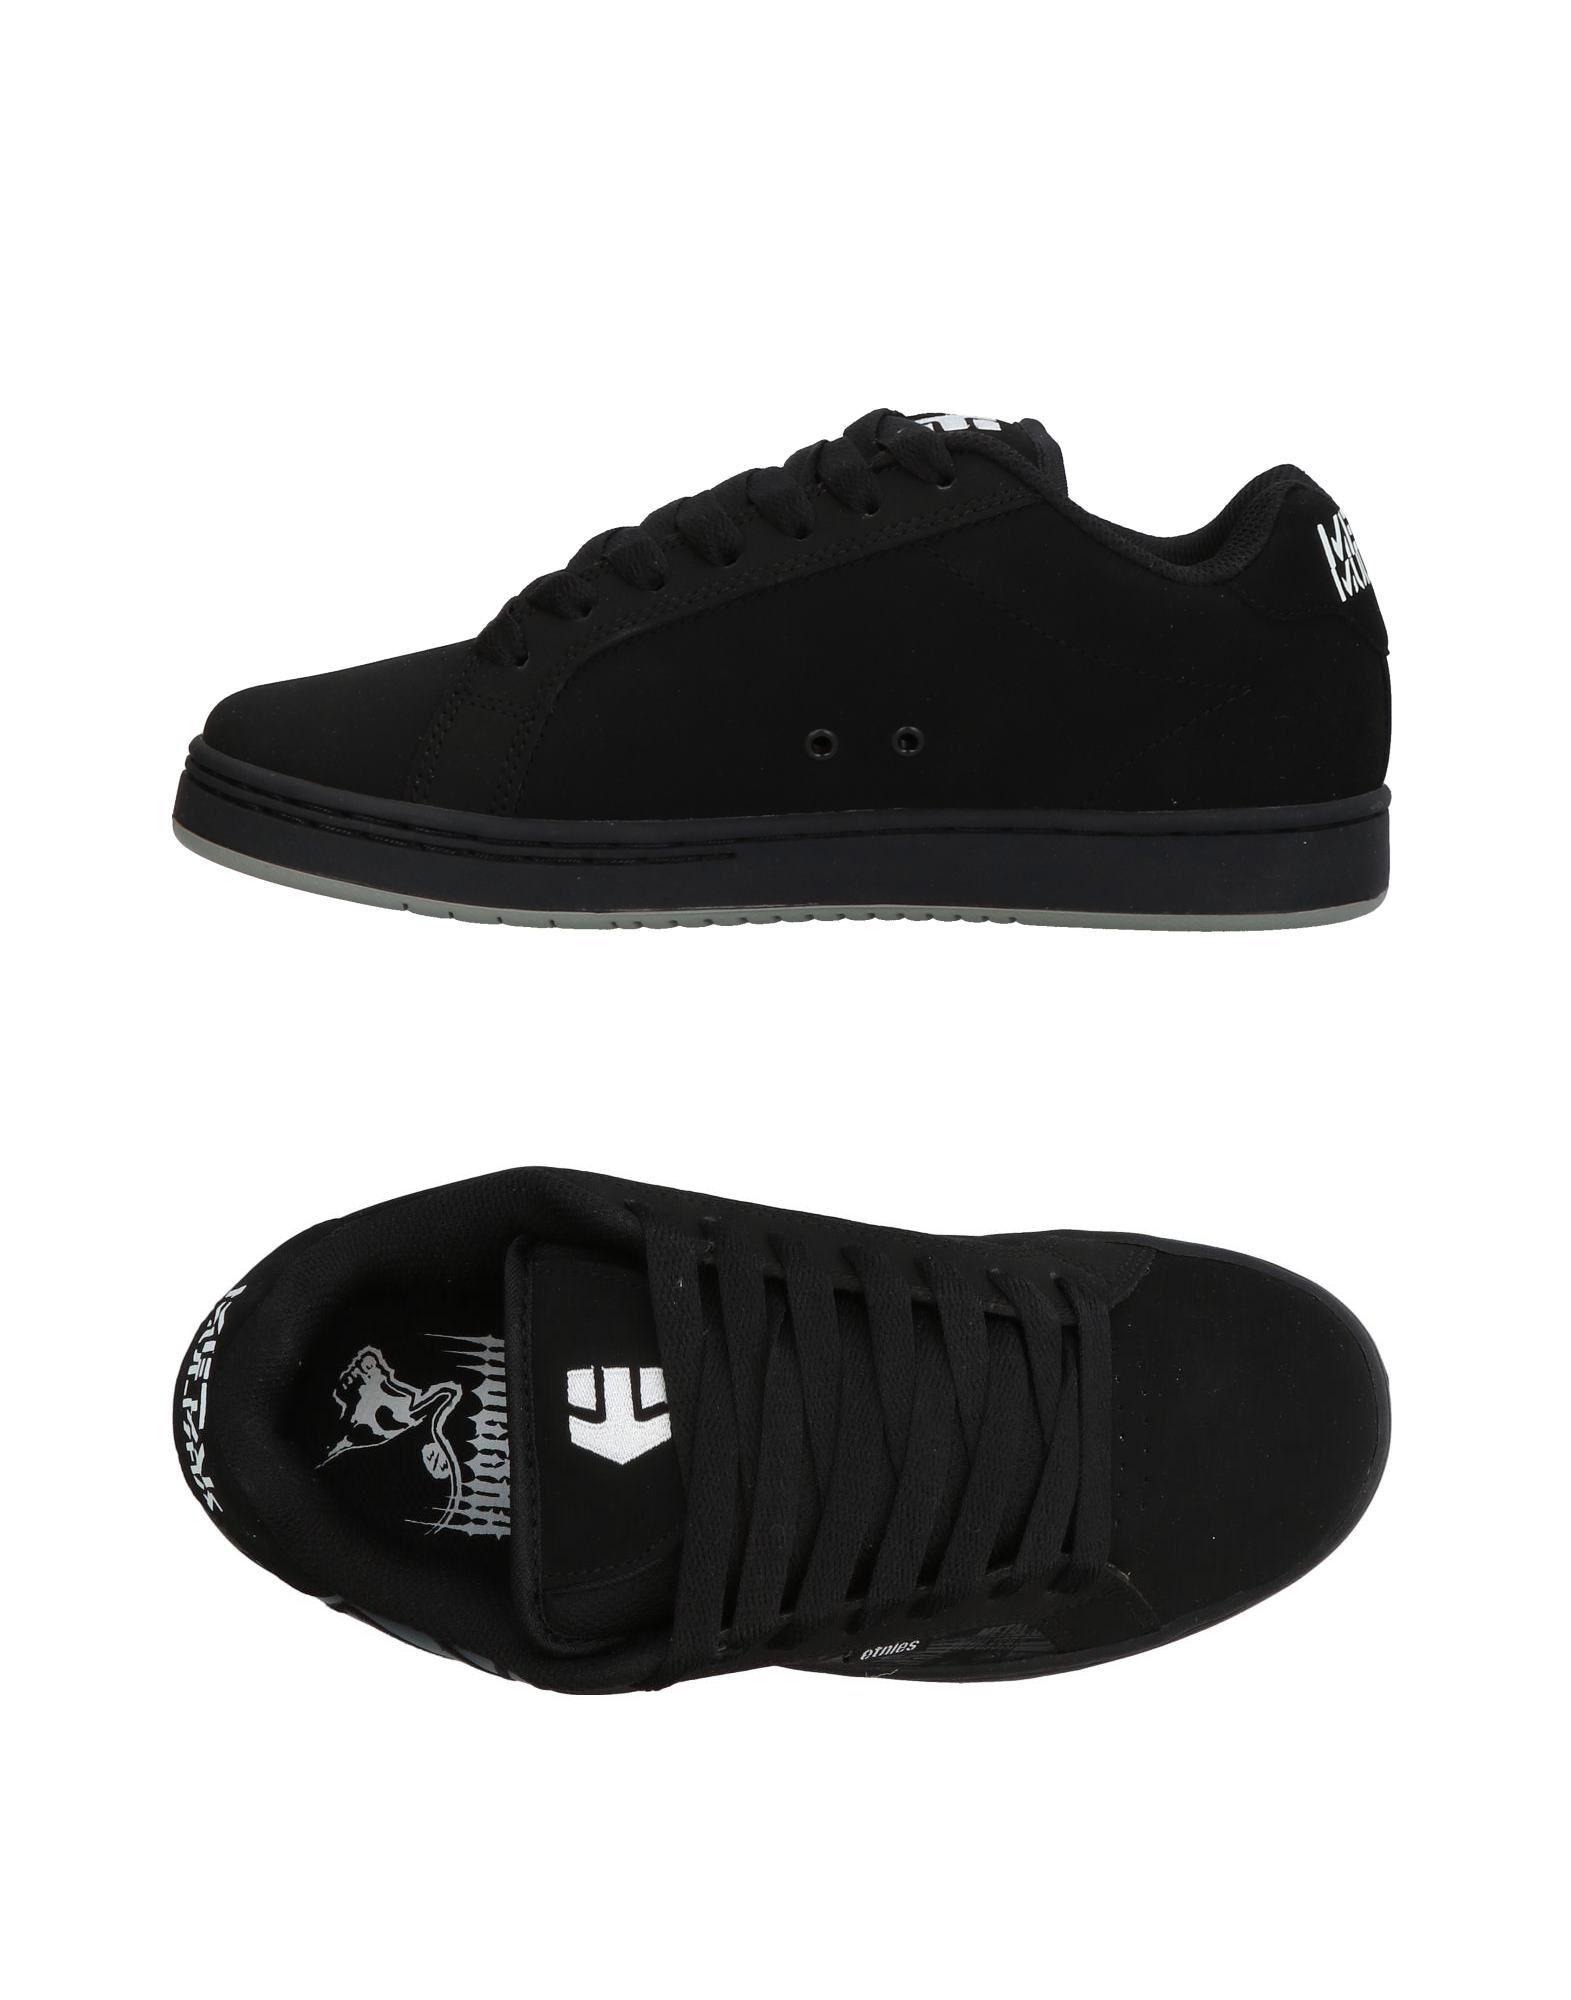 Rabatt Etnies echte Schuhe Etnies Rabatt Sneakers Herren  11223866JK 013efd